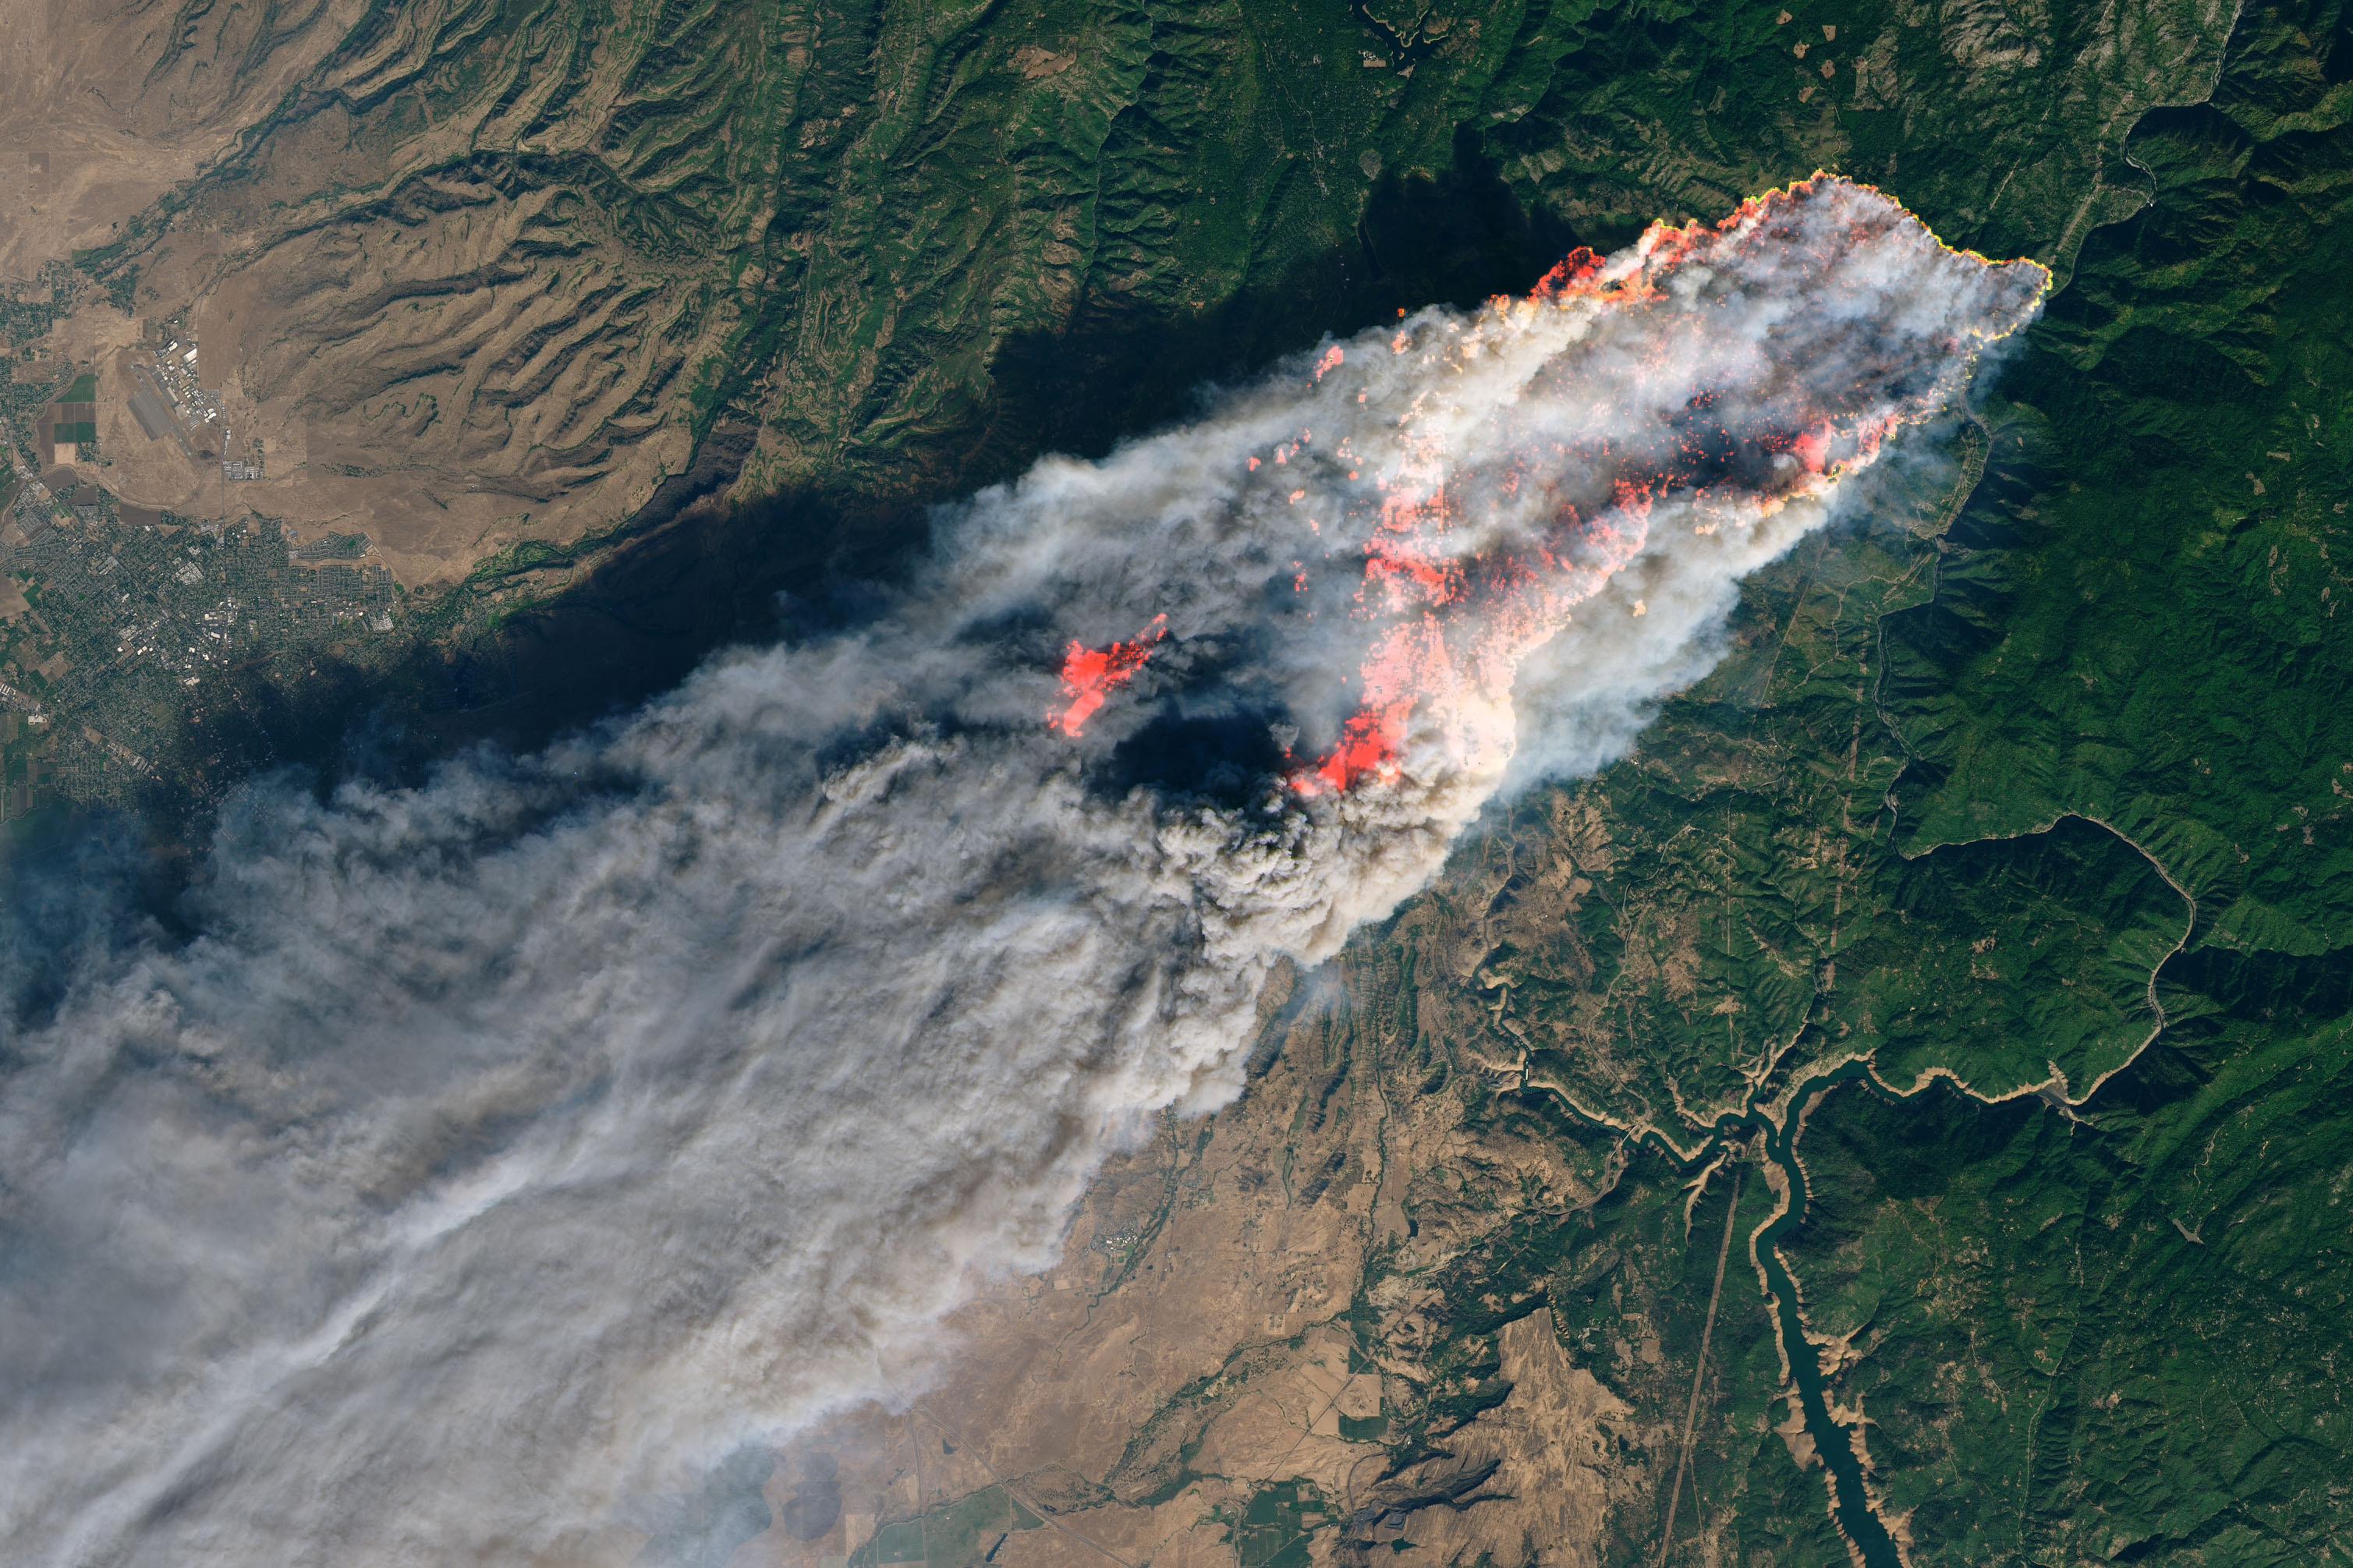 NASA's Operational Land Imager satellite image of Camp Fire burning near Paradise